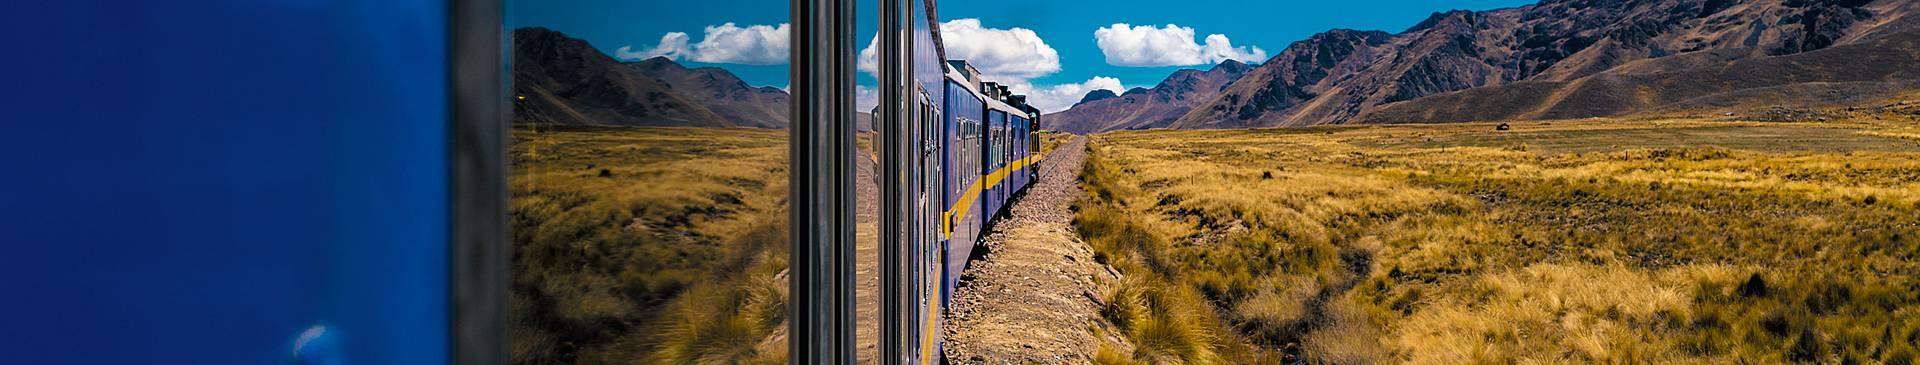 Two weeks in Peru